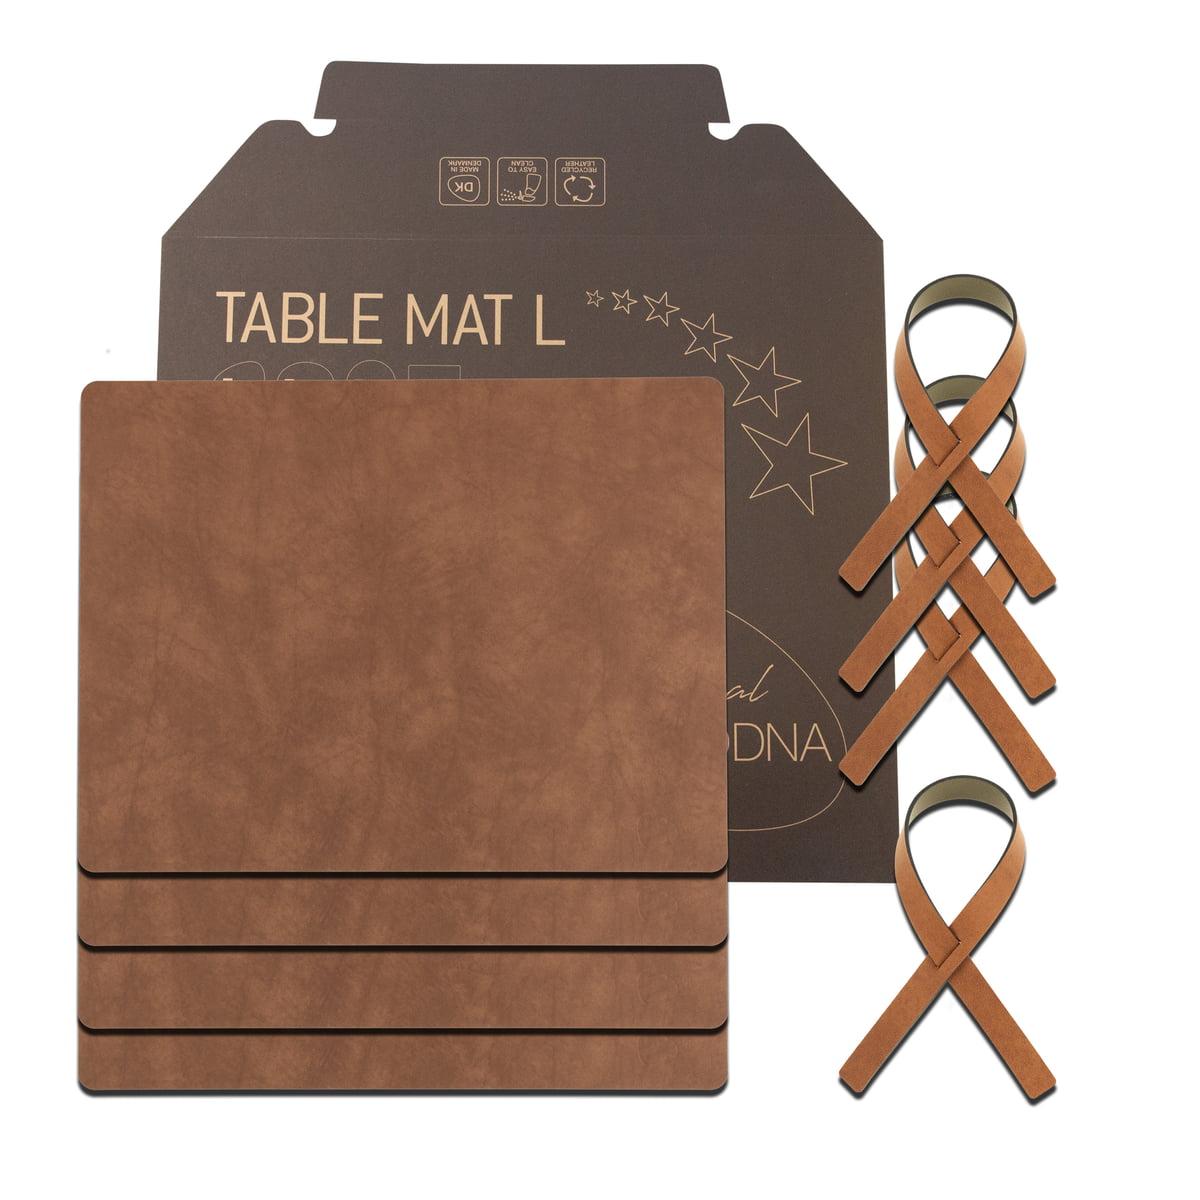 LindDNA - Geschenkset Square L, Nupo natur (4 Tischsets + 4 Serviettenringe) | Heimtextilien > Tischdecken und Co > Tisch-Sets | LIND DNA